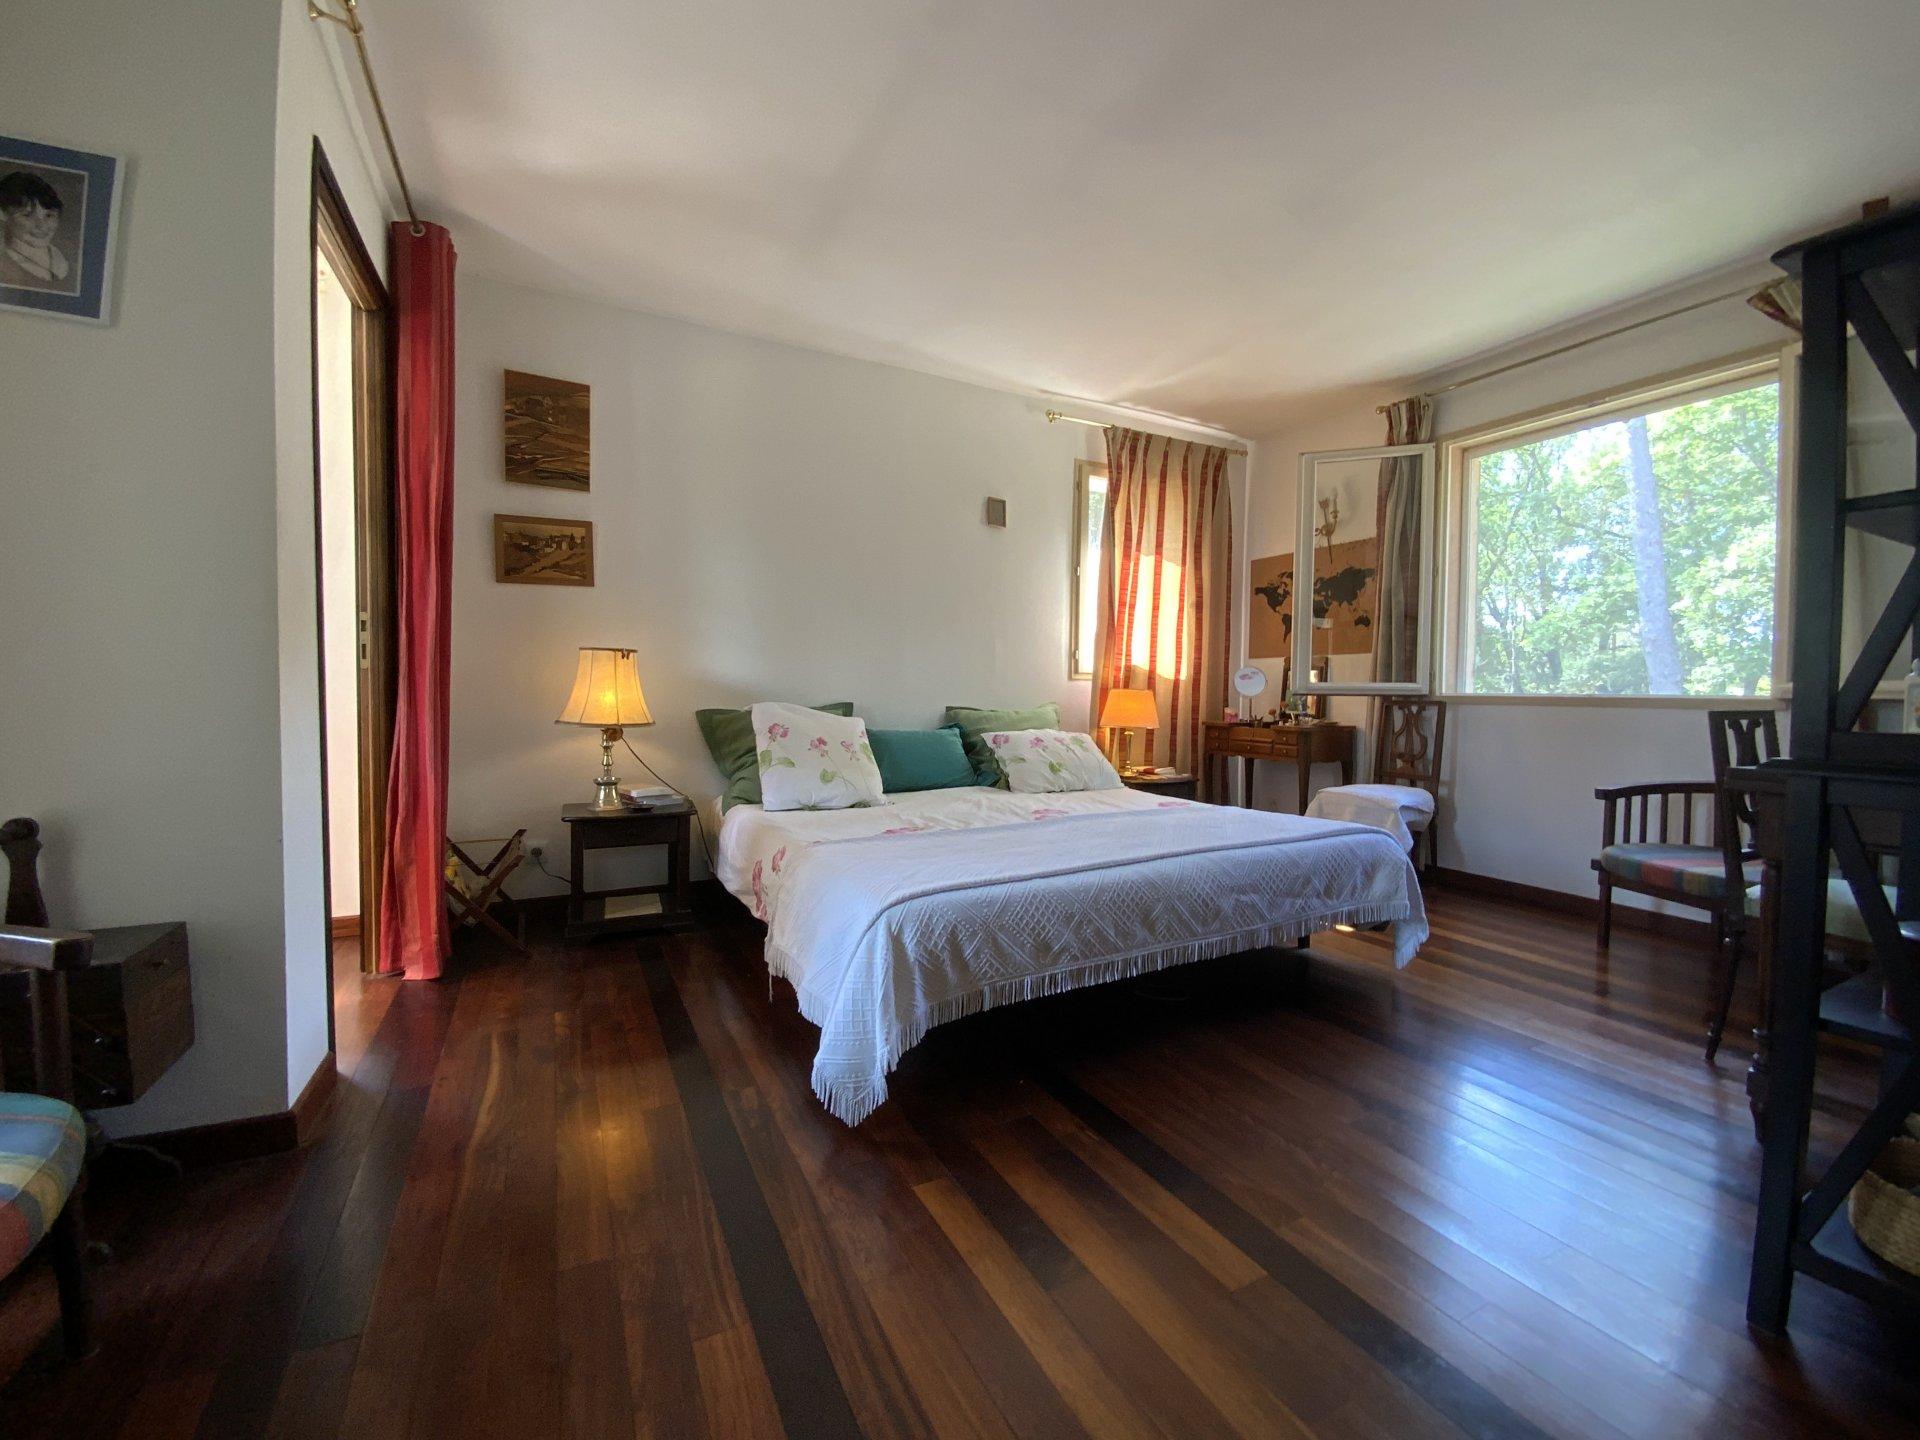 Maison Provençale - 4500m² terrain - 4 chambres - piscine